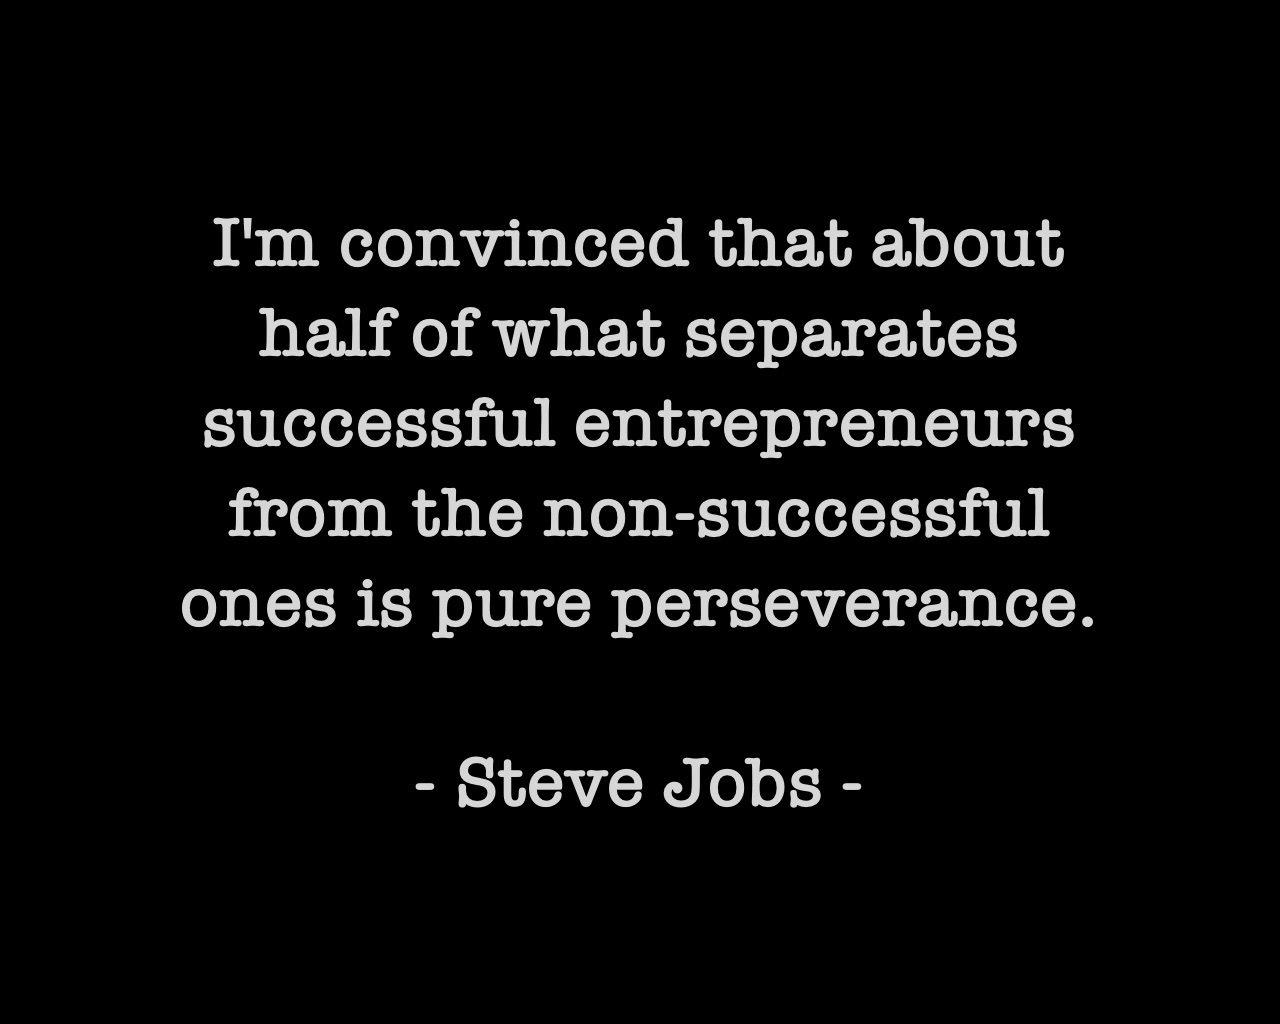 Steve Jobs Quote - Top Entrepreneur Forums